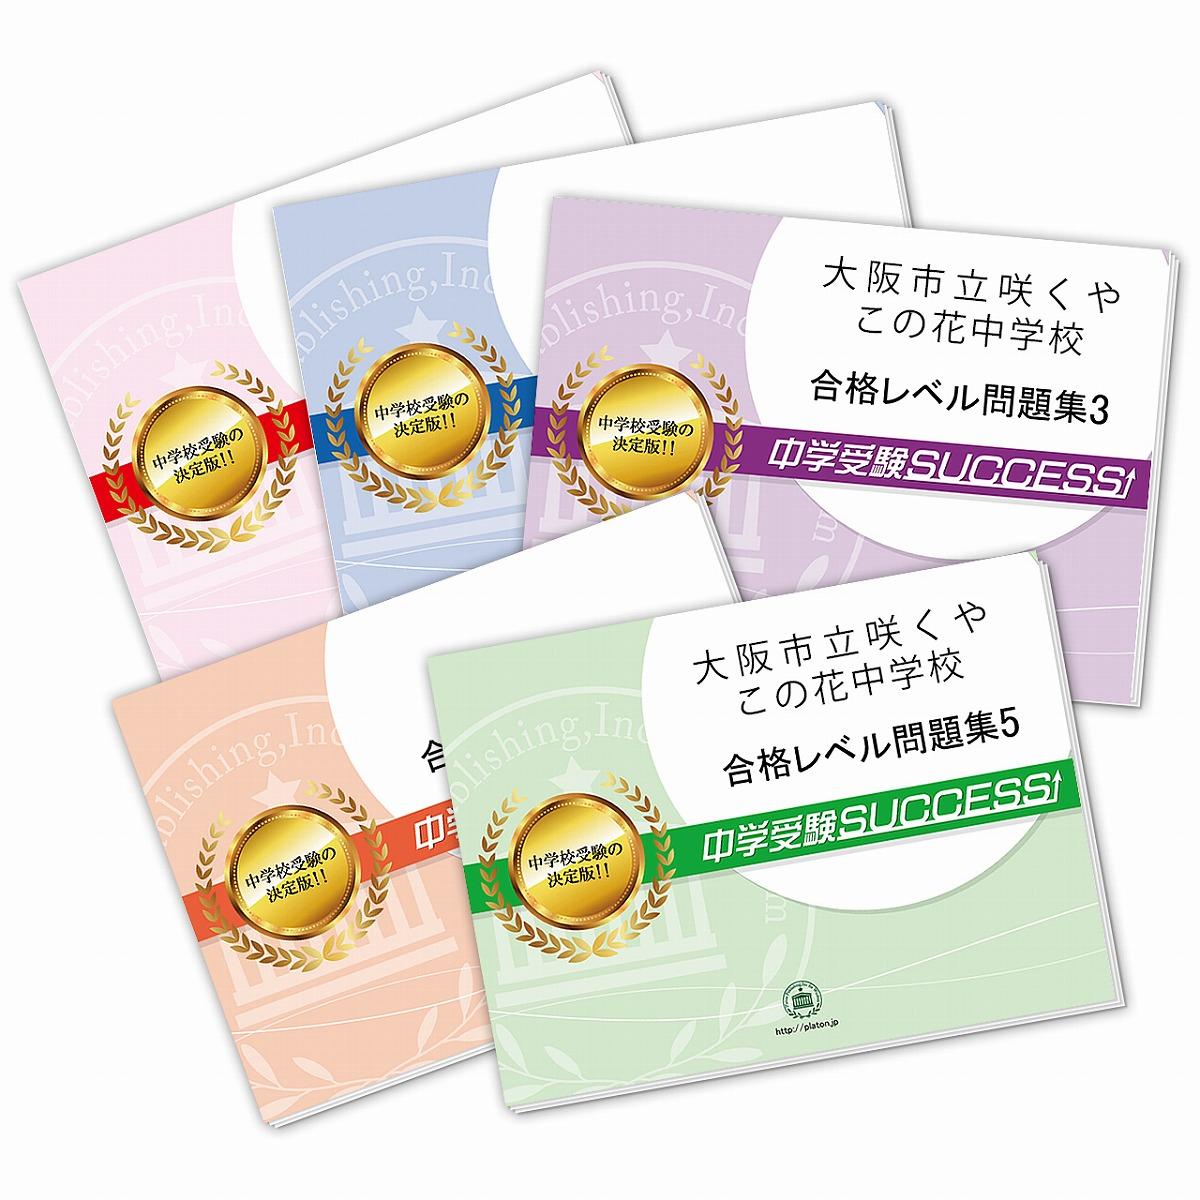 【送料・代引手数料無料】大阪市立咲くやこの花中学校・直前対策合格セット(5冊)